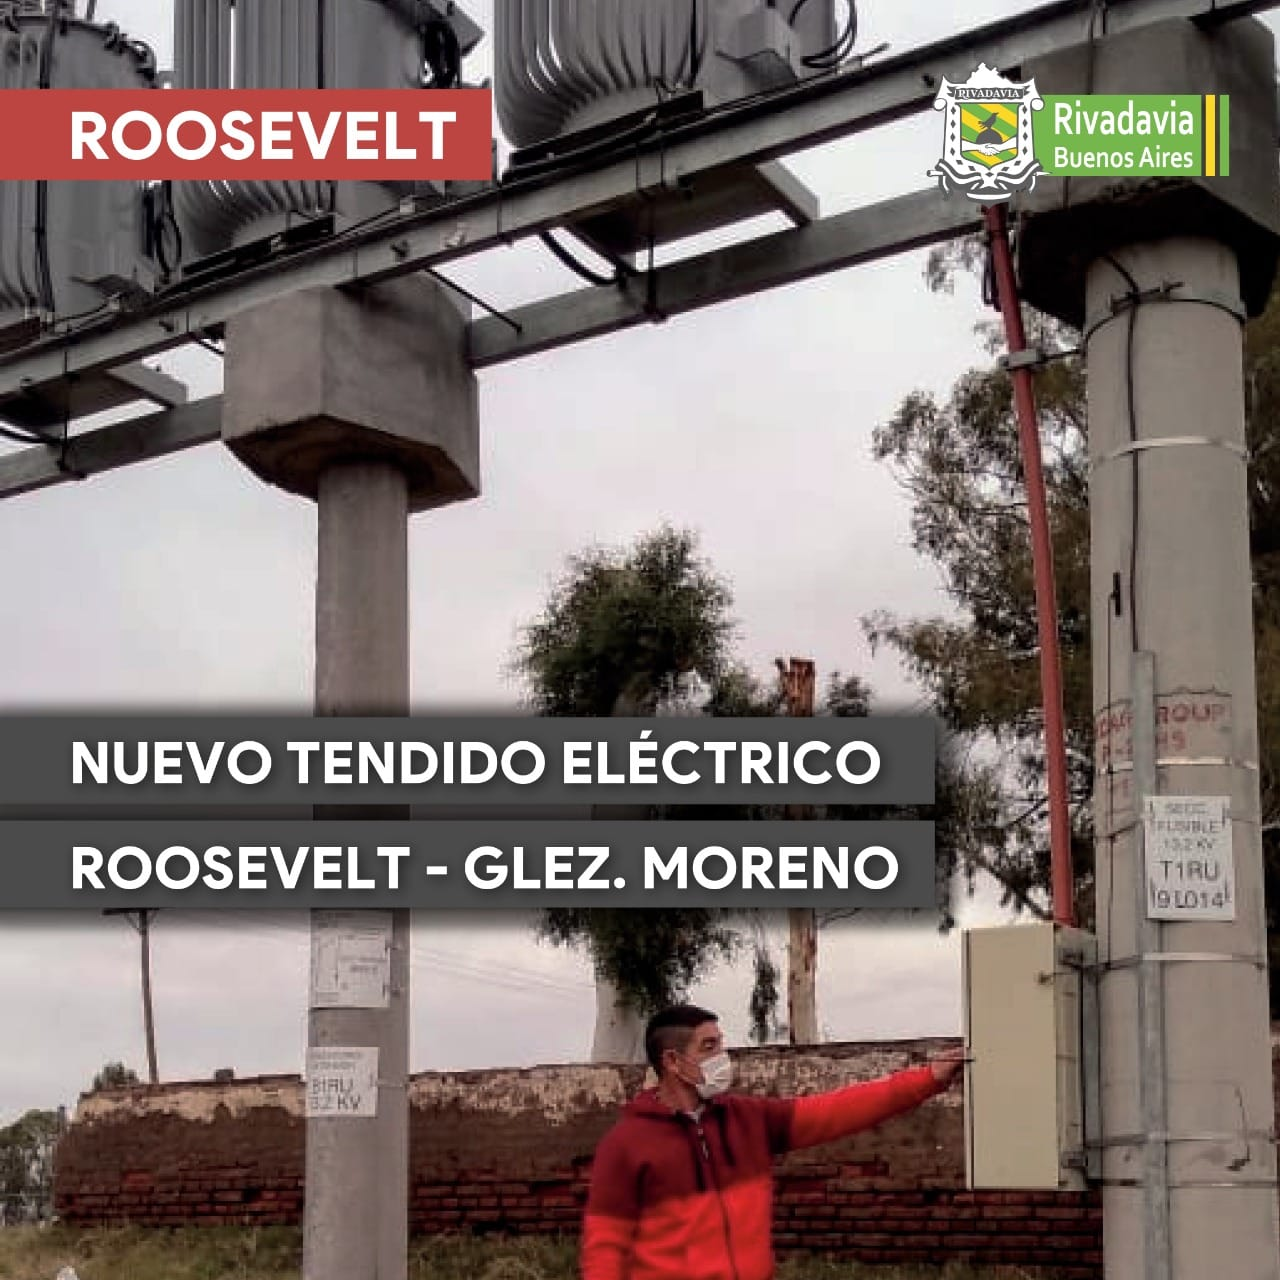 ROOSEVELT YA TIENE ELECTRICIDAD DEL DISTRITO DE RIVADAVIA